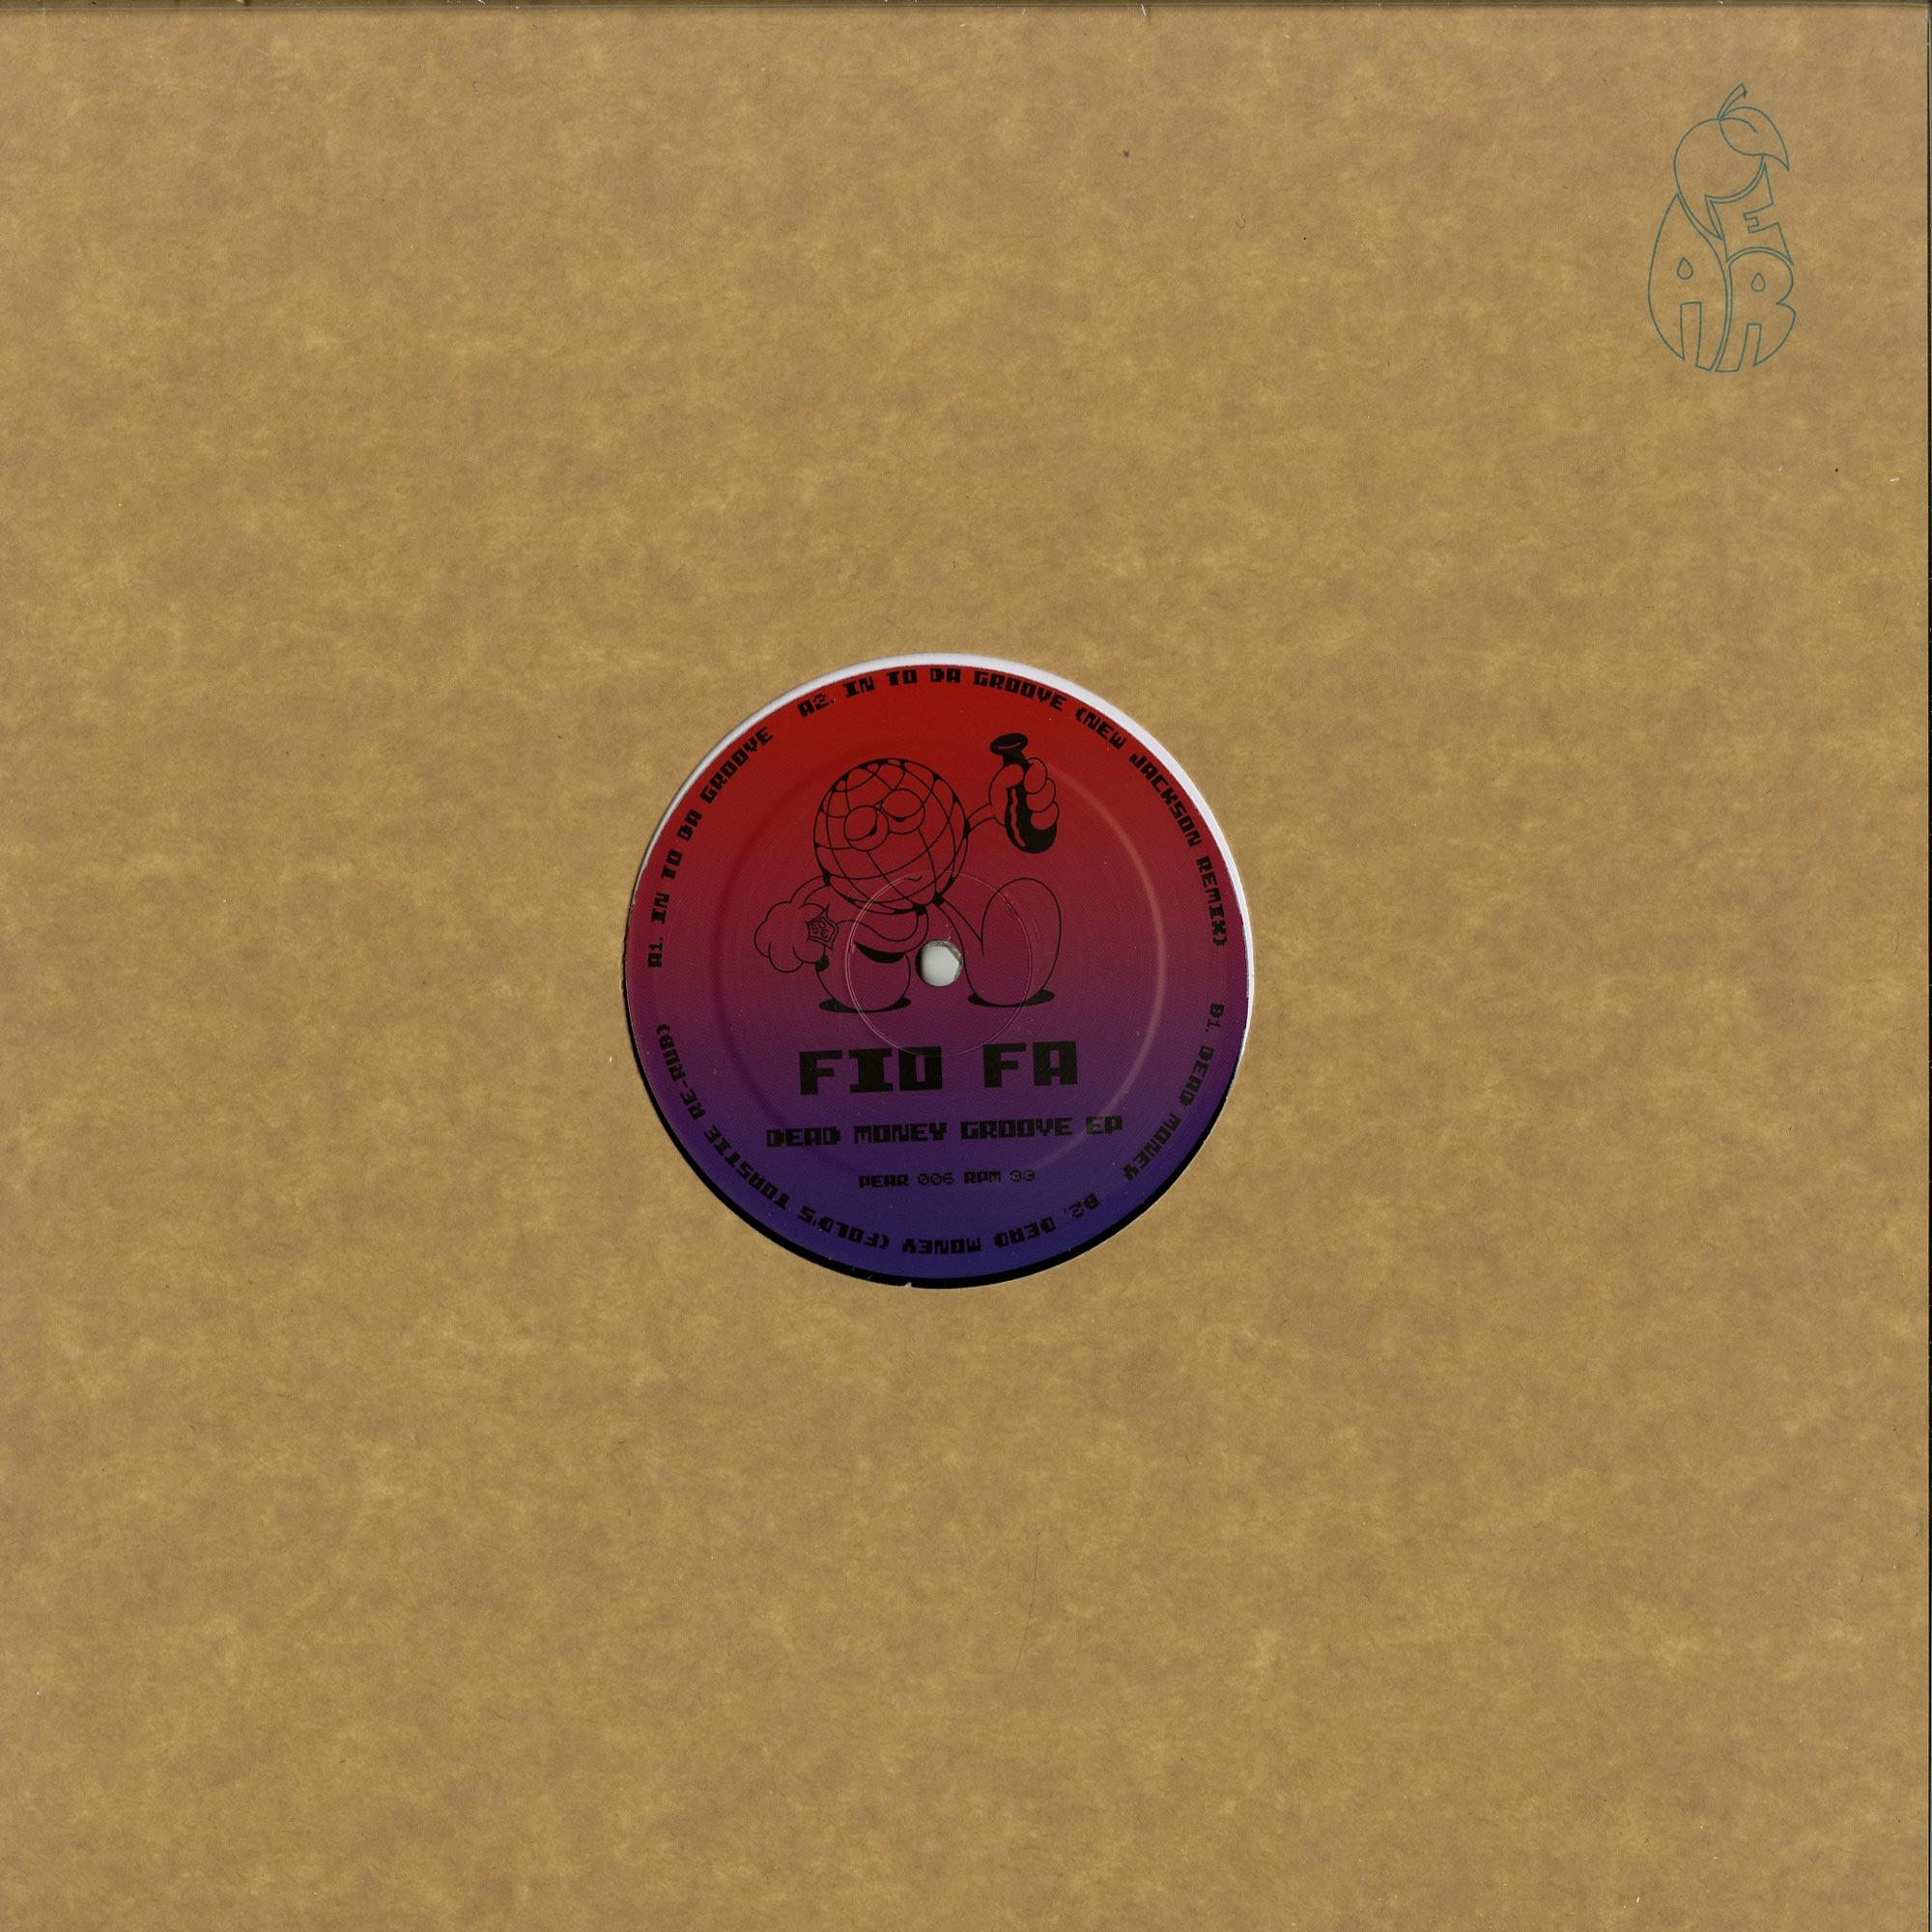 Fio Fa - DEAD MONEY GROOVE EP